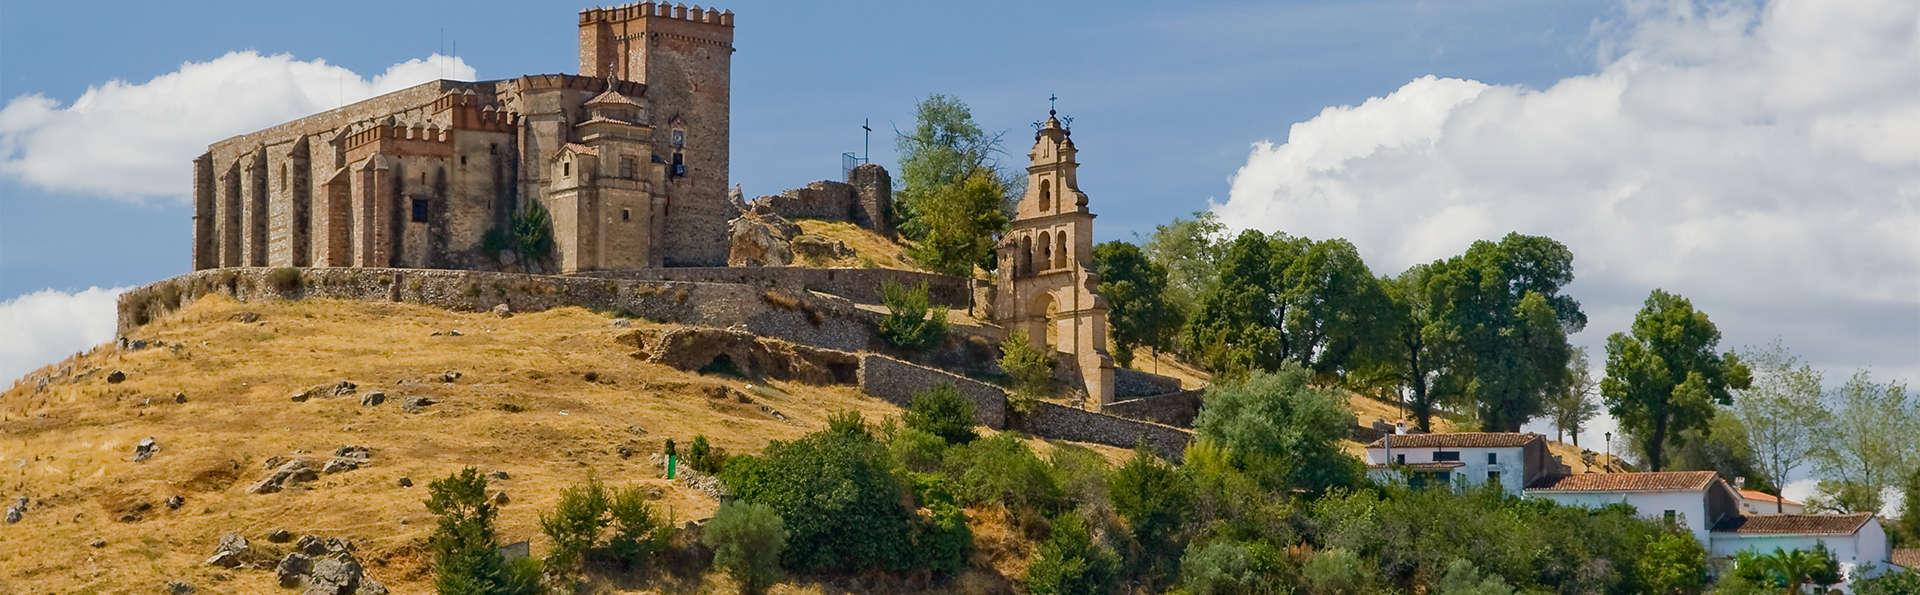 Week-end romantique à Aracena en Andalousie